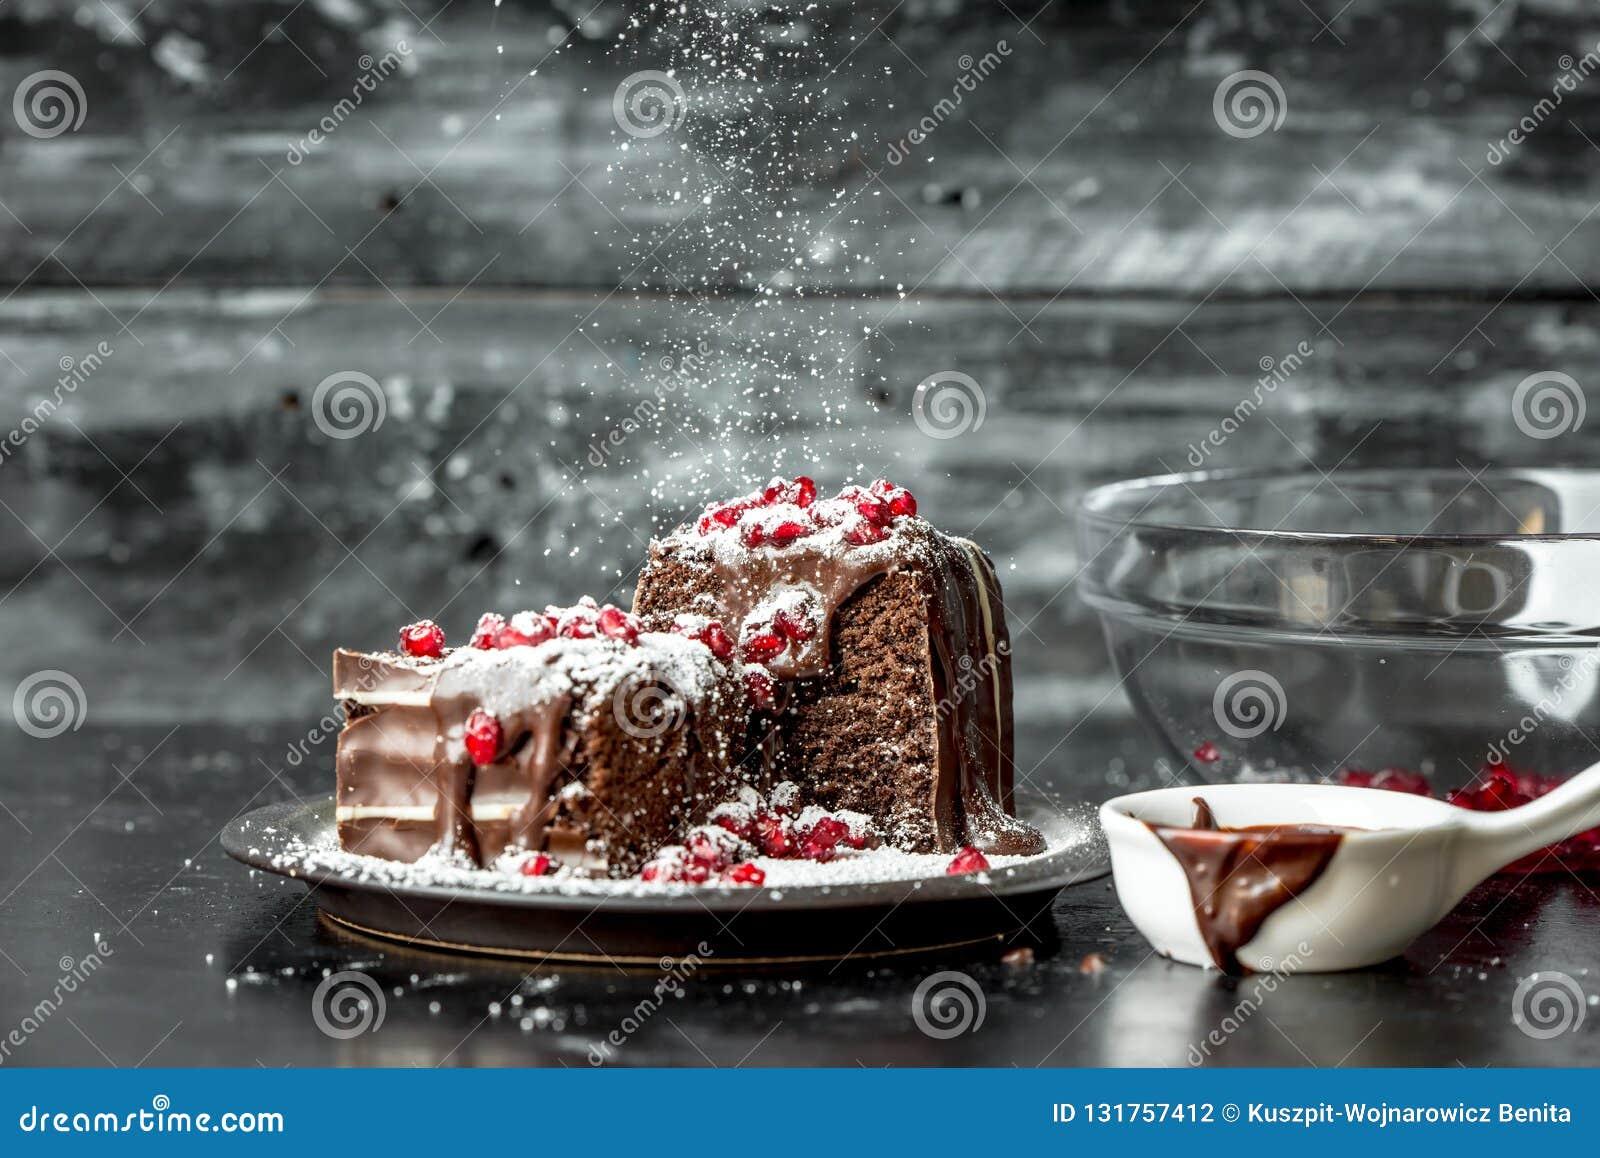 Momenti dolci - momenti dolci - i brownie hanno versato il cioccolato caldo e liquido, spruzzato con i semi rossi del melograno e